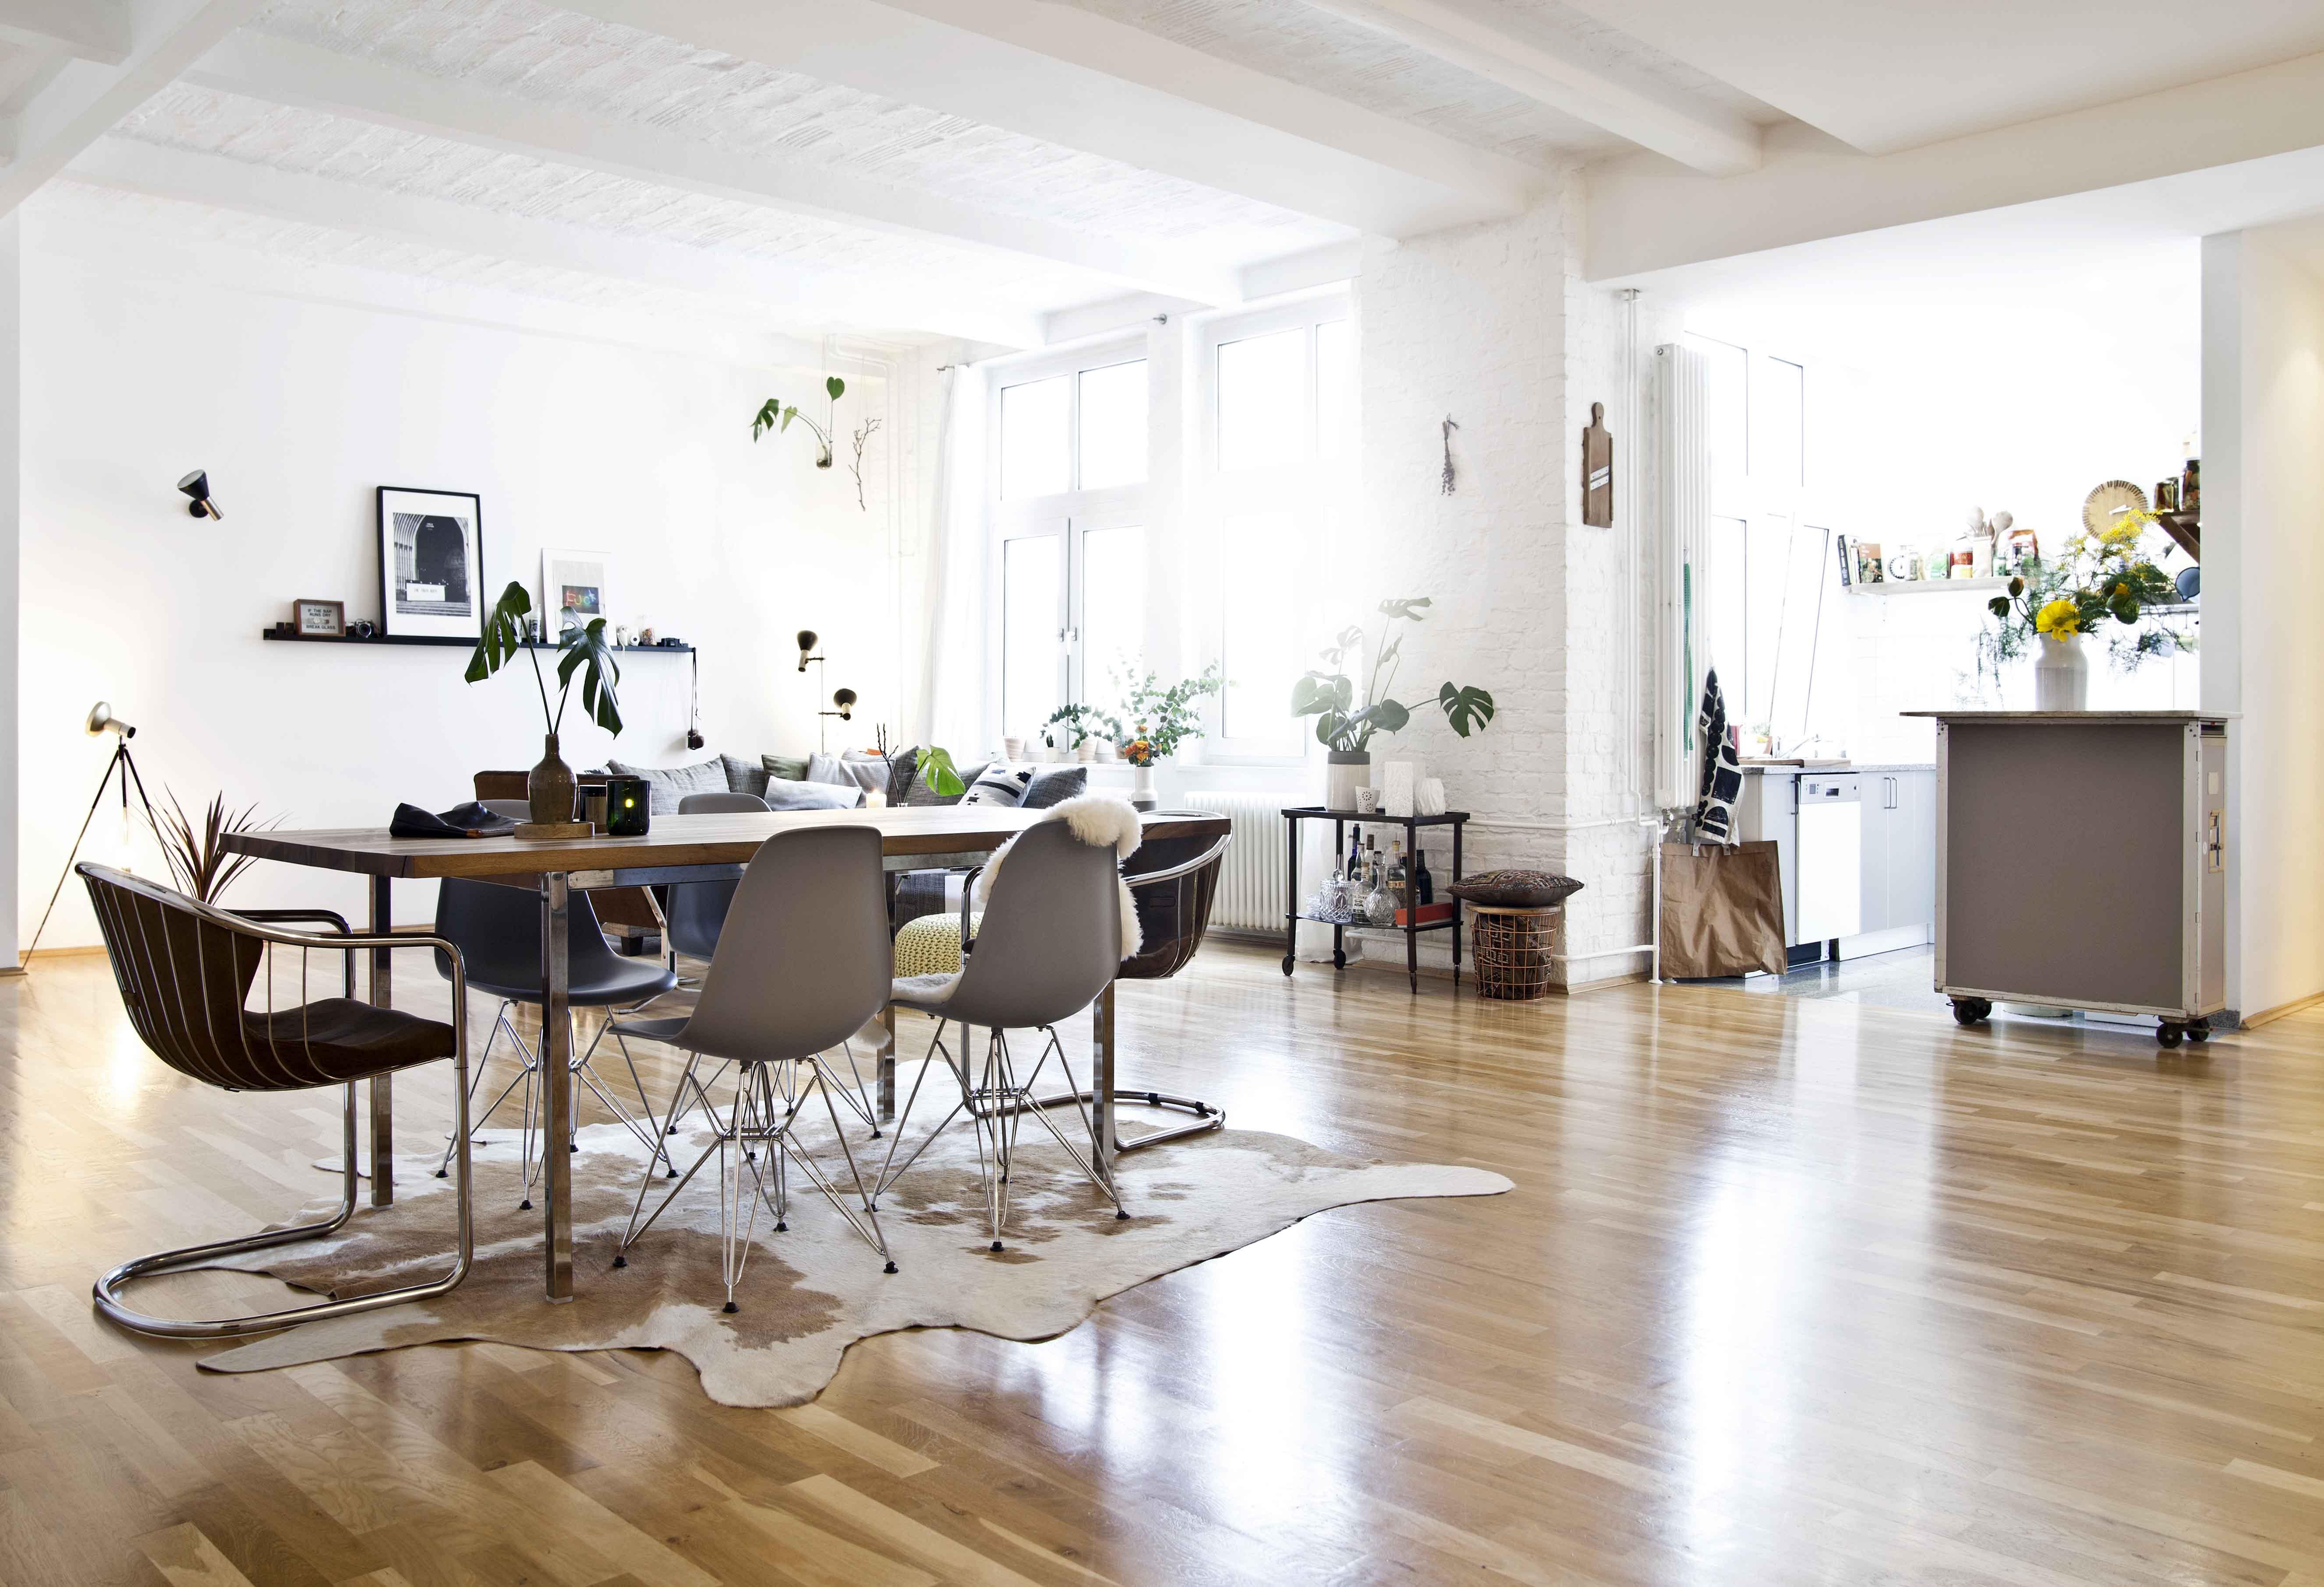 industriální styl podkrovní byt